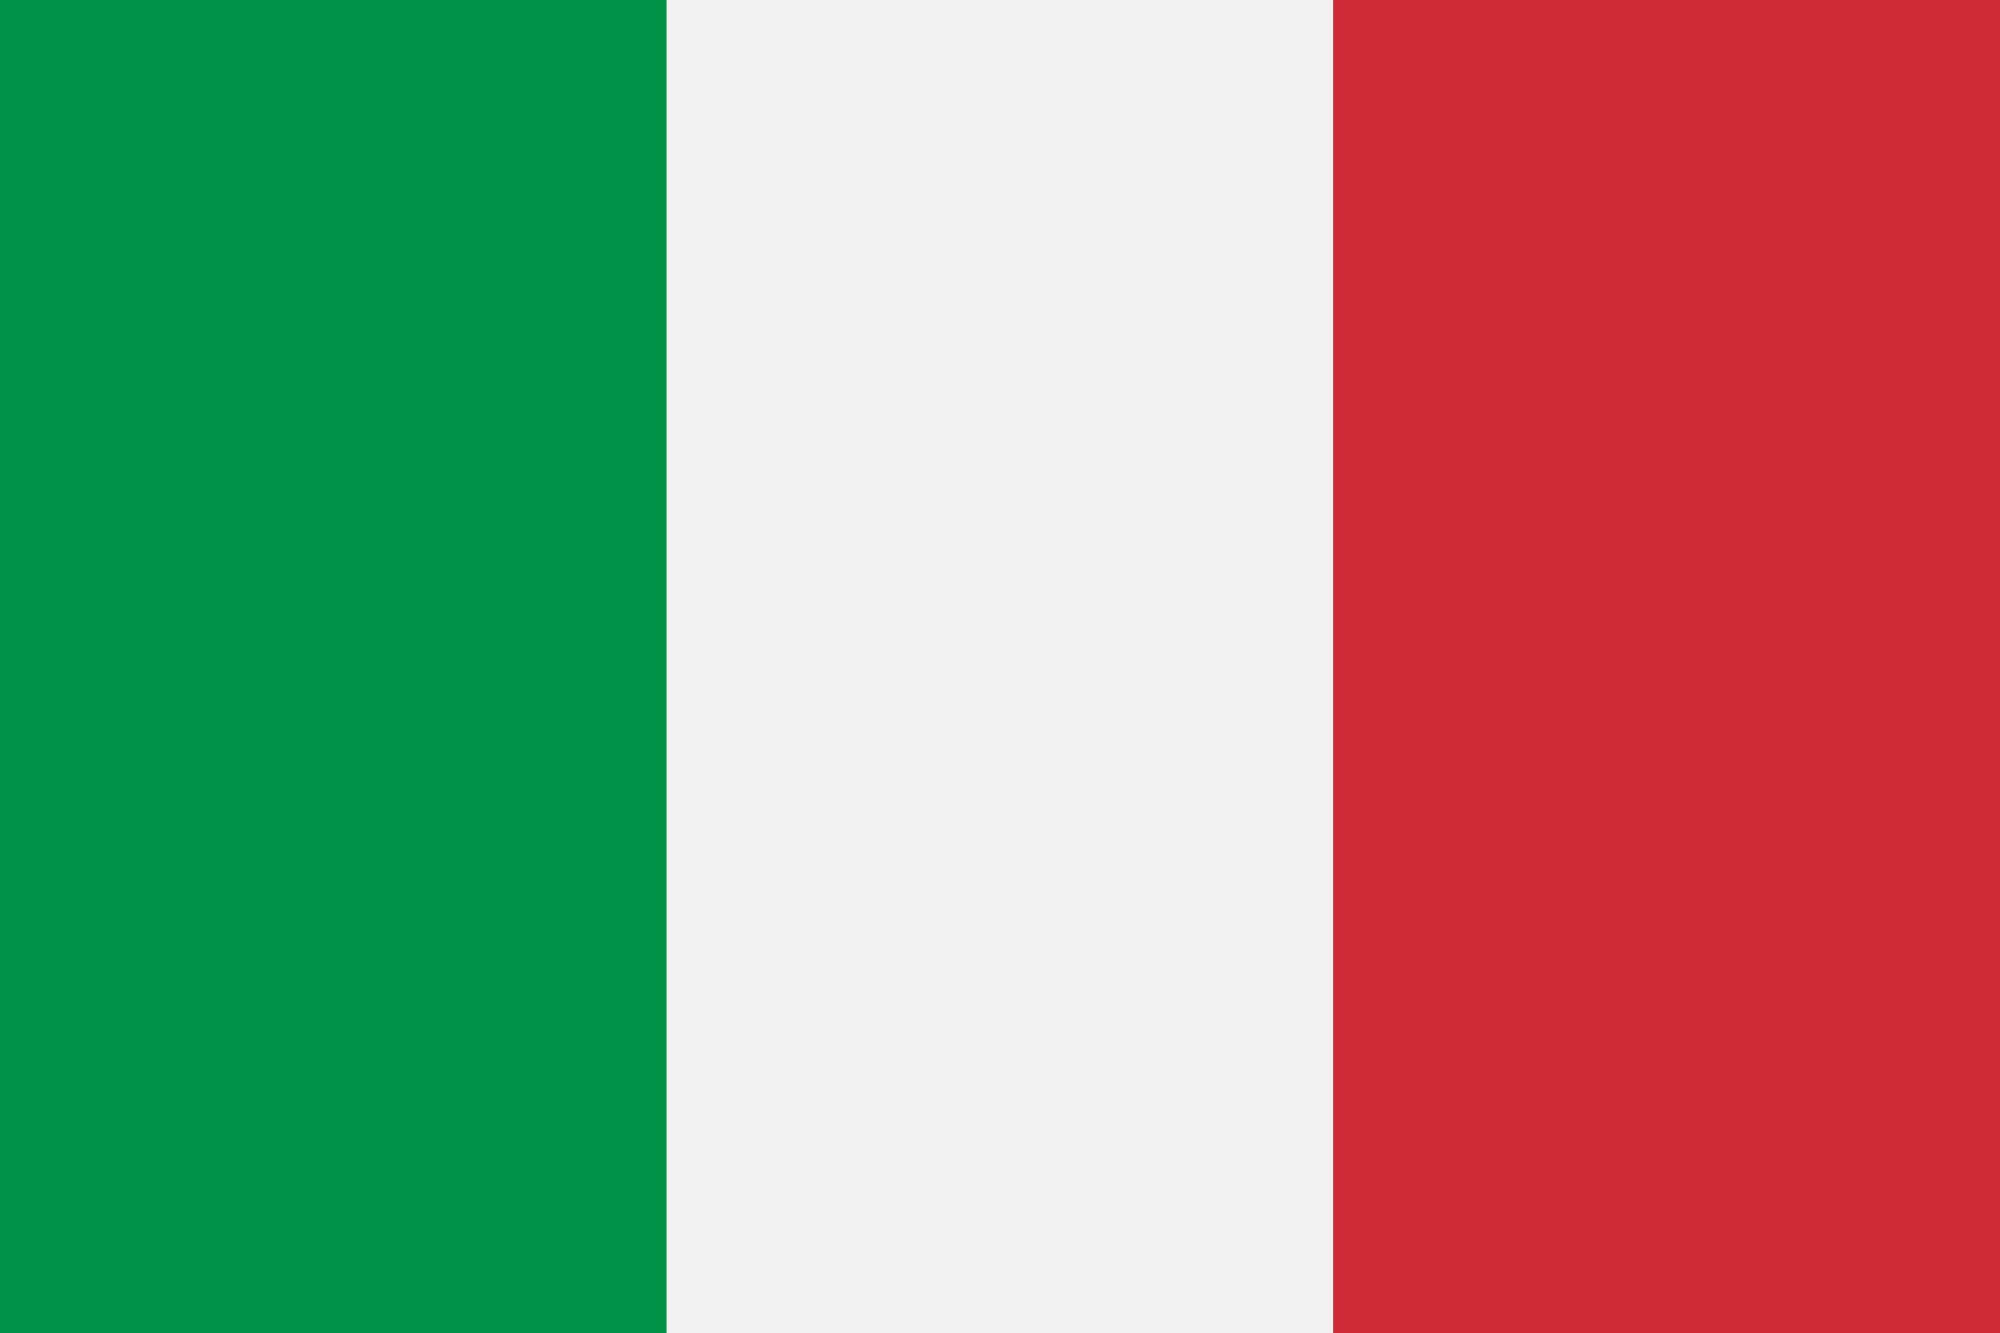 Traducteur assermenté italien français à Marseille, agréé, certifié et officiel